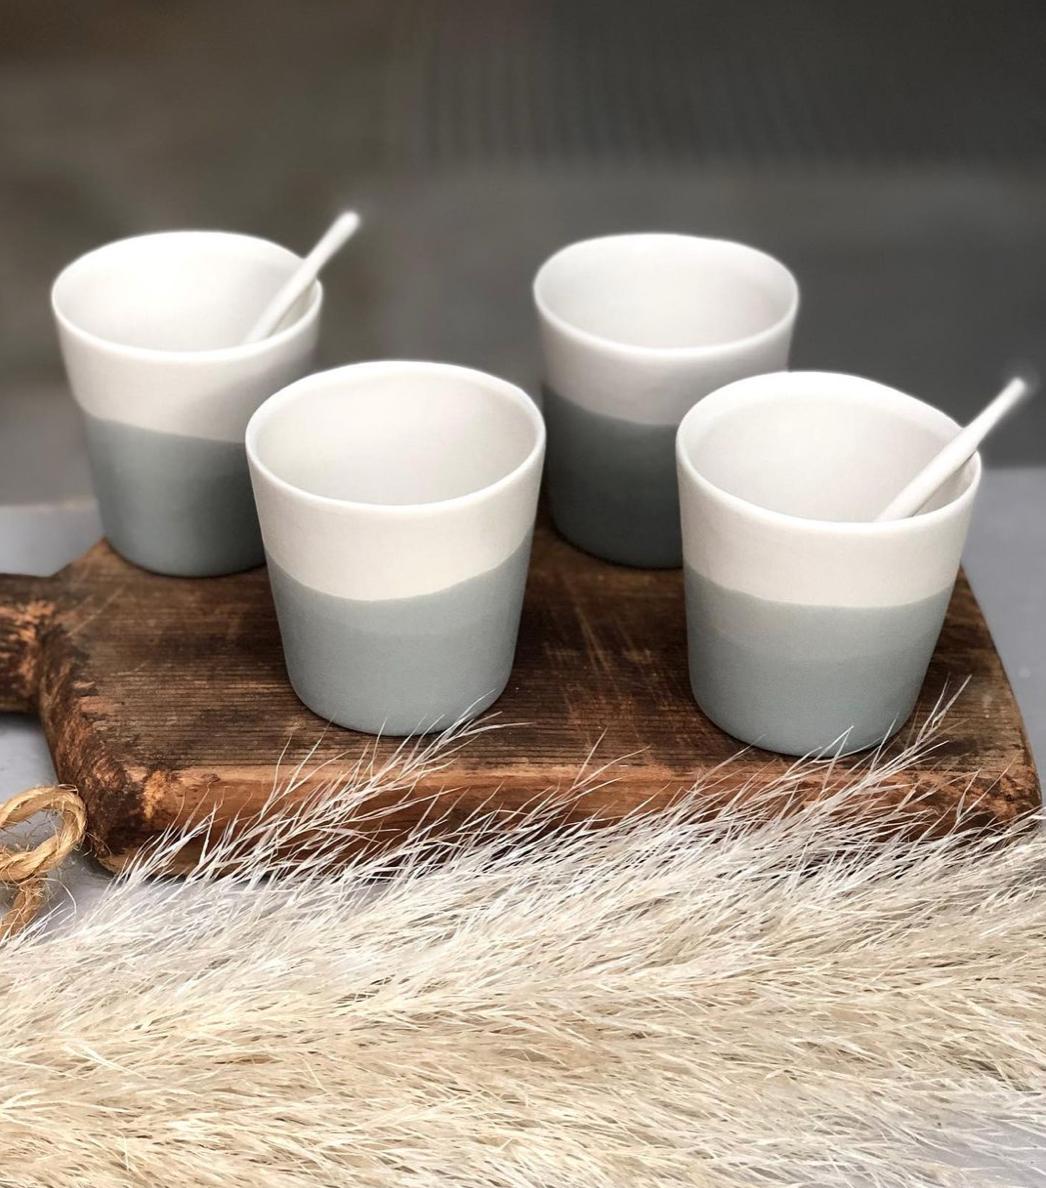 des tasses bicolore en porcelainesur une planche en bois